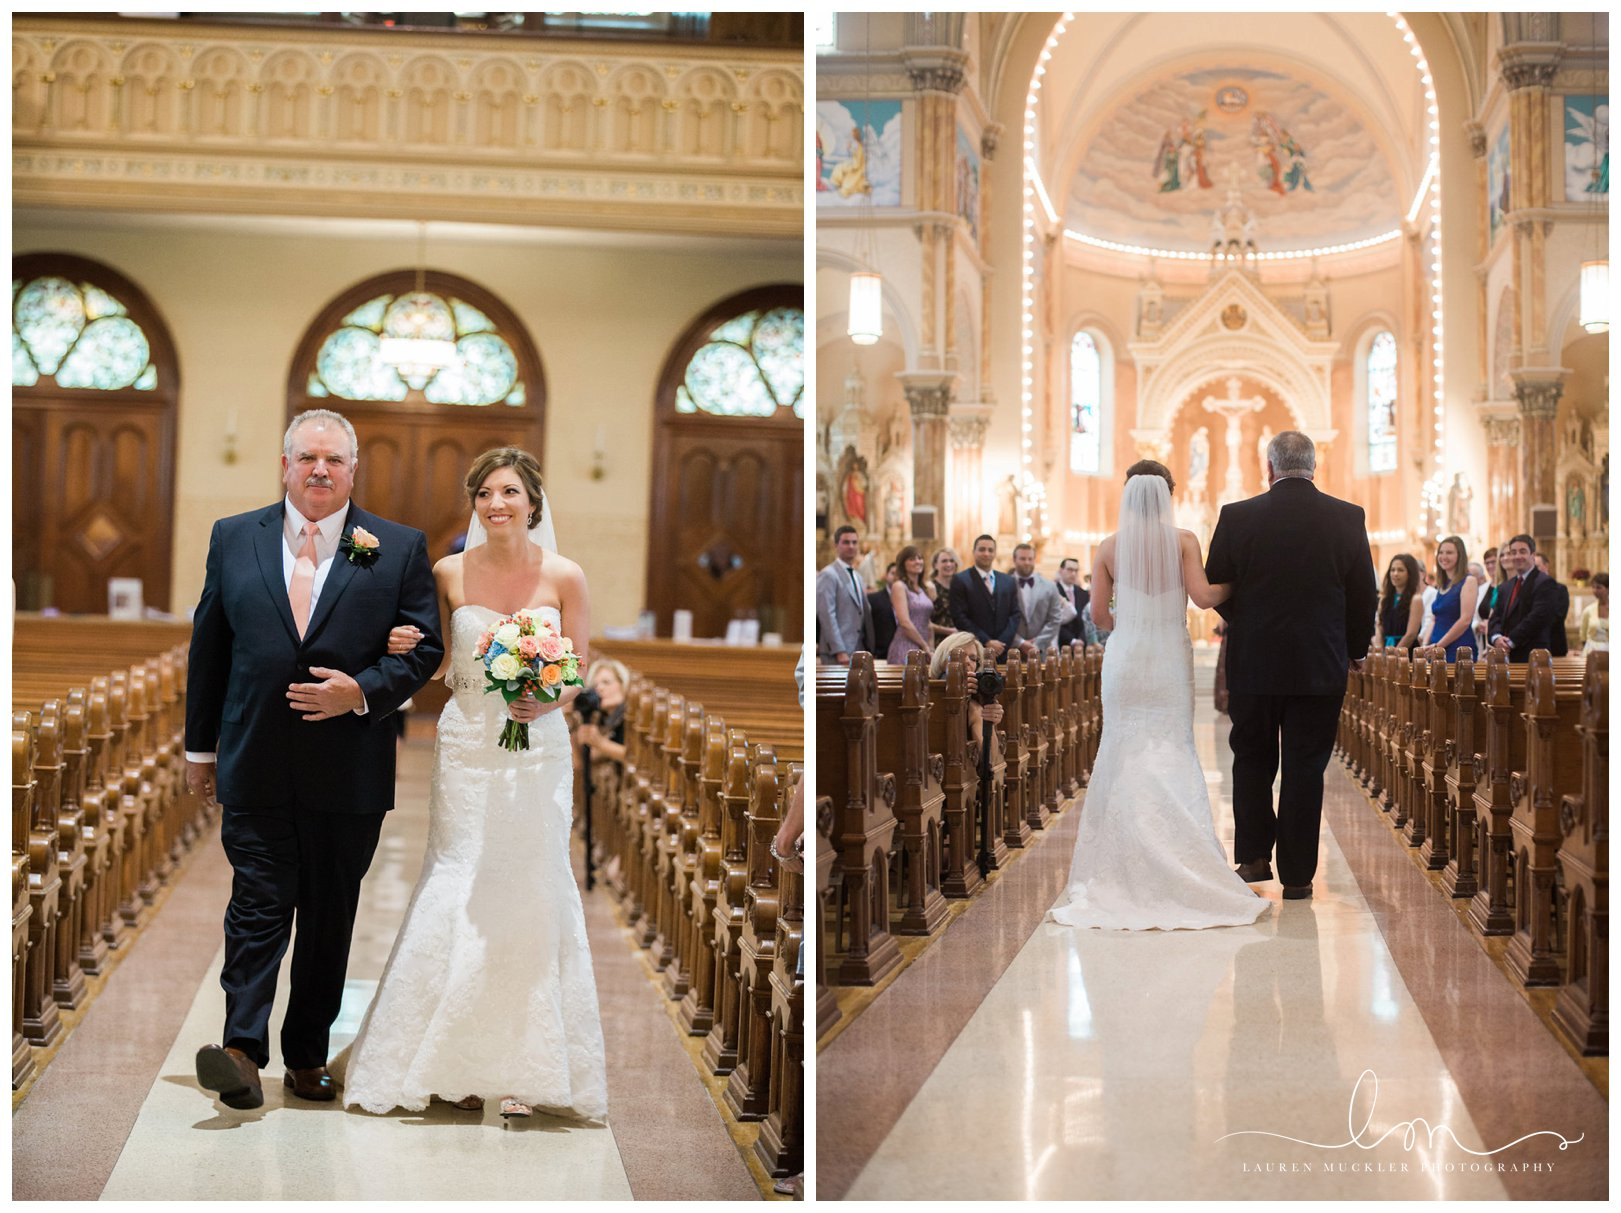 lauren muckler photography_fine art film wedding photography_st louis_photography_0008.jpg